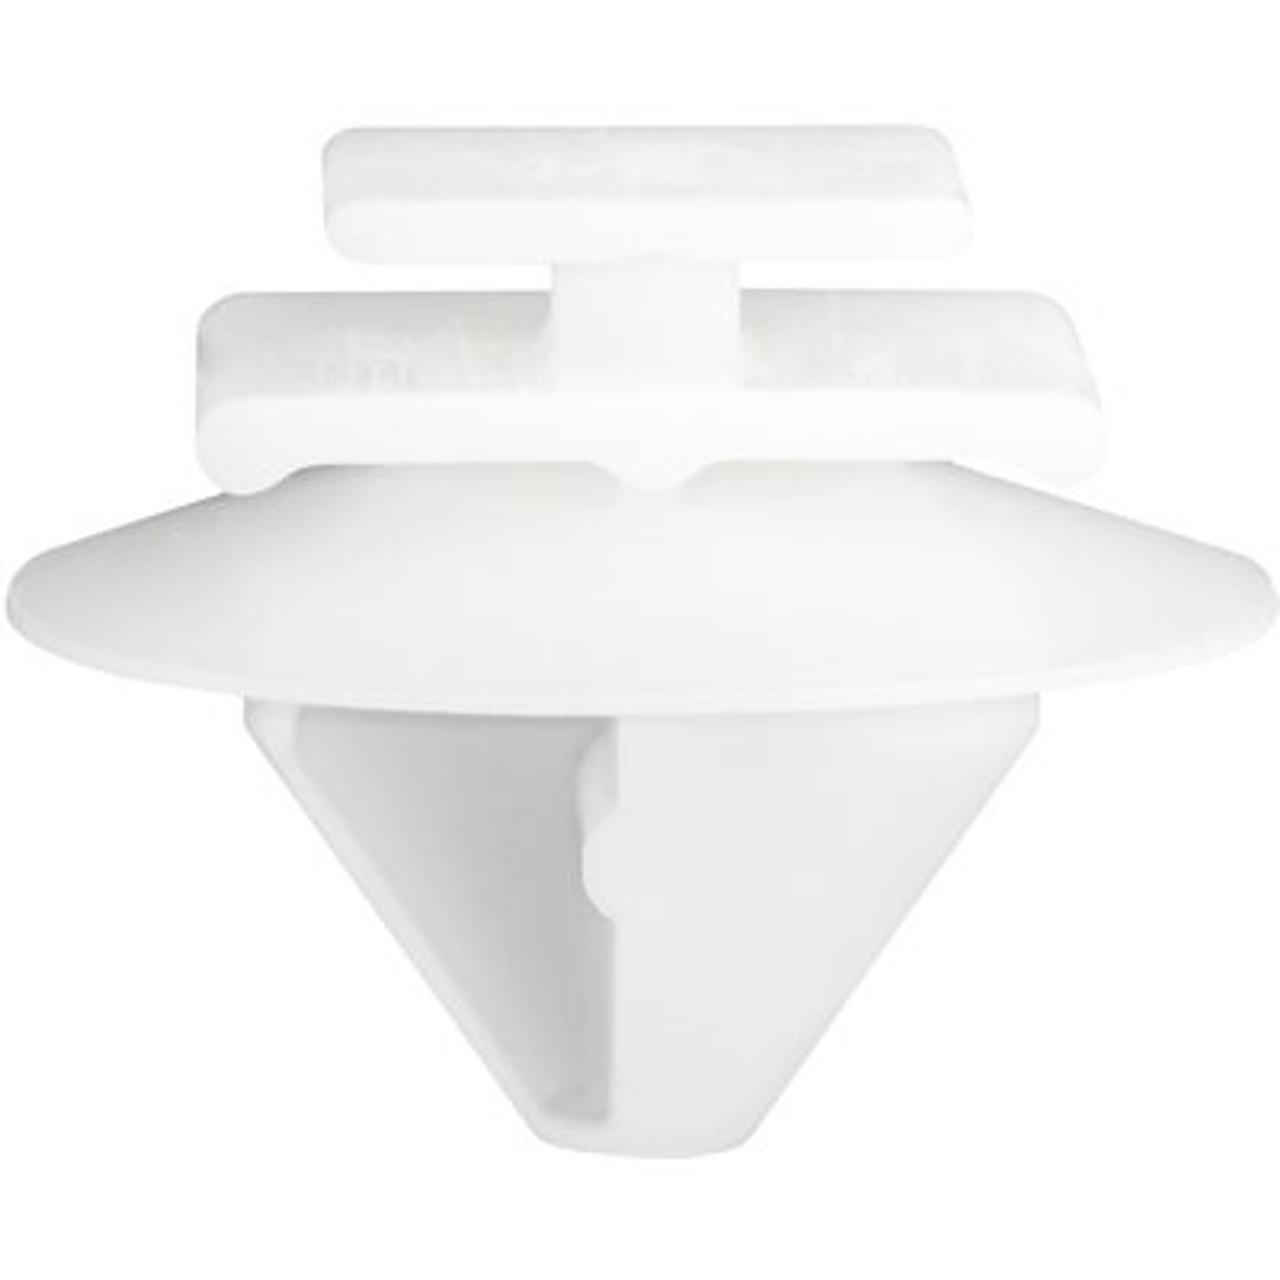 Jeep Renegade 2015 - 2017 Description : Body Side Moulding Clip Material : Nylon Color : White Type : Moulding Clip Stem Diameter : 7mm x 12mm Stem Length : 10mm Top Head Size : 8mm x 10mm Middle Head Diameter : 10mm x 14mm Bottom Head Diameter : 20mm Hole Size : 9mm Chrysler OEM: 68241251AA Pcs/Unit: 10 Per Box Country: DE Catalog Page #: HNI-476